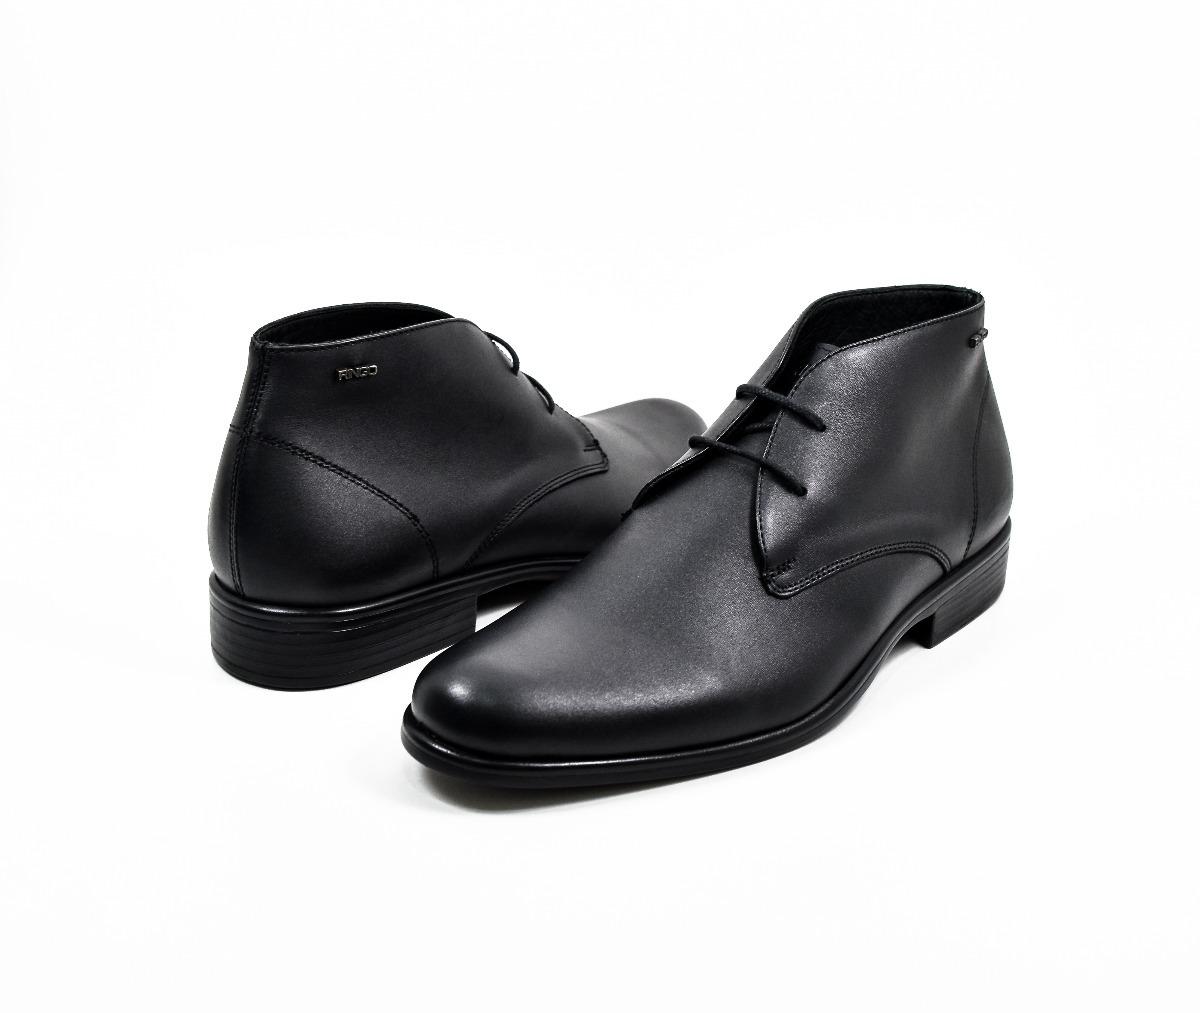 61315e7ebe Botita Ringo Bota Zapato Vestir Calzado Hombre Cuero Vince -   2.750 ...